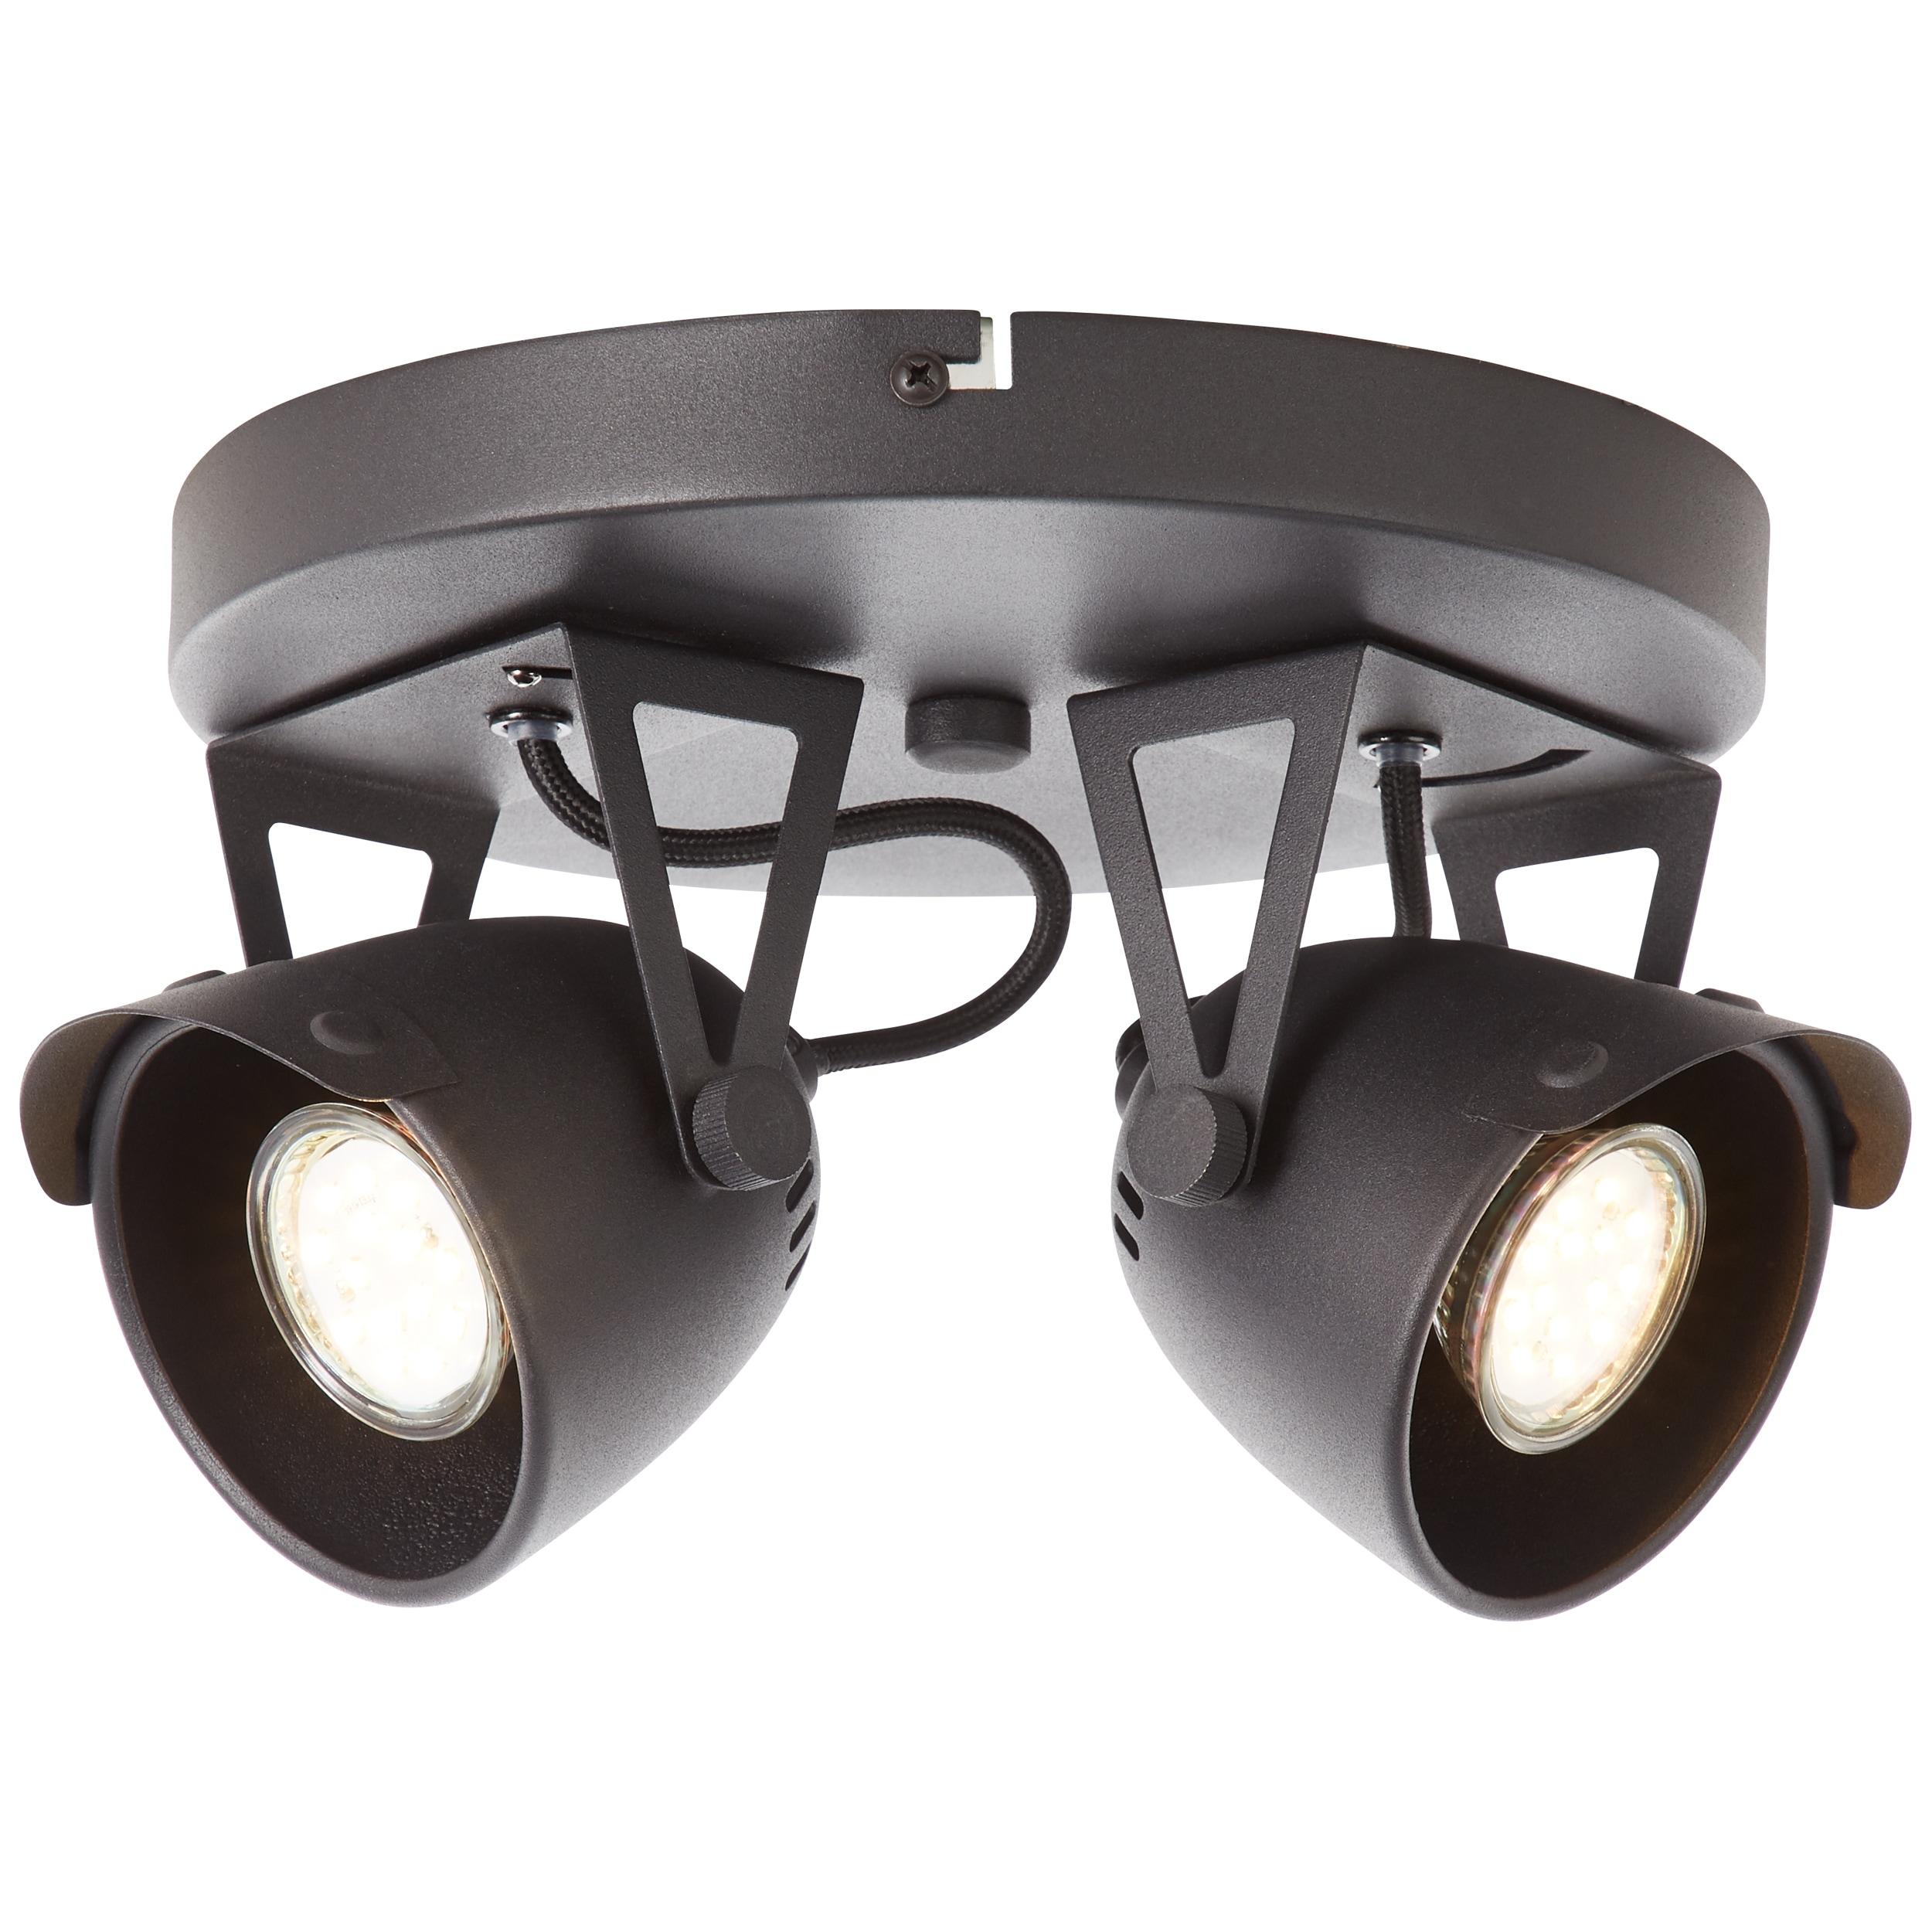 Brilliant Leuchten Ka Spotrondell 2flg schwarz korund